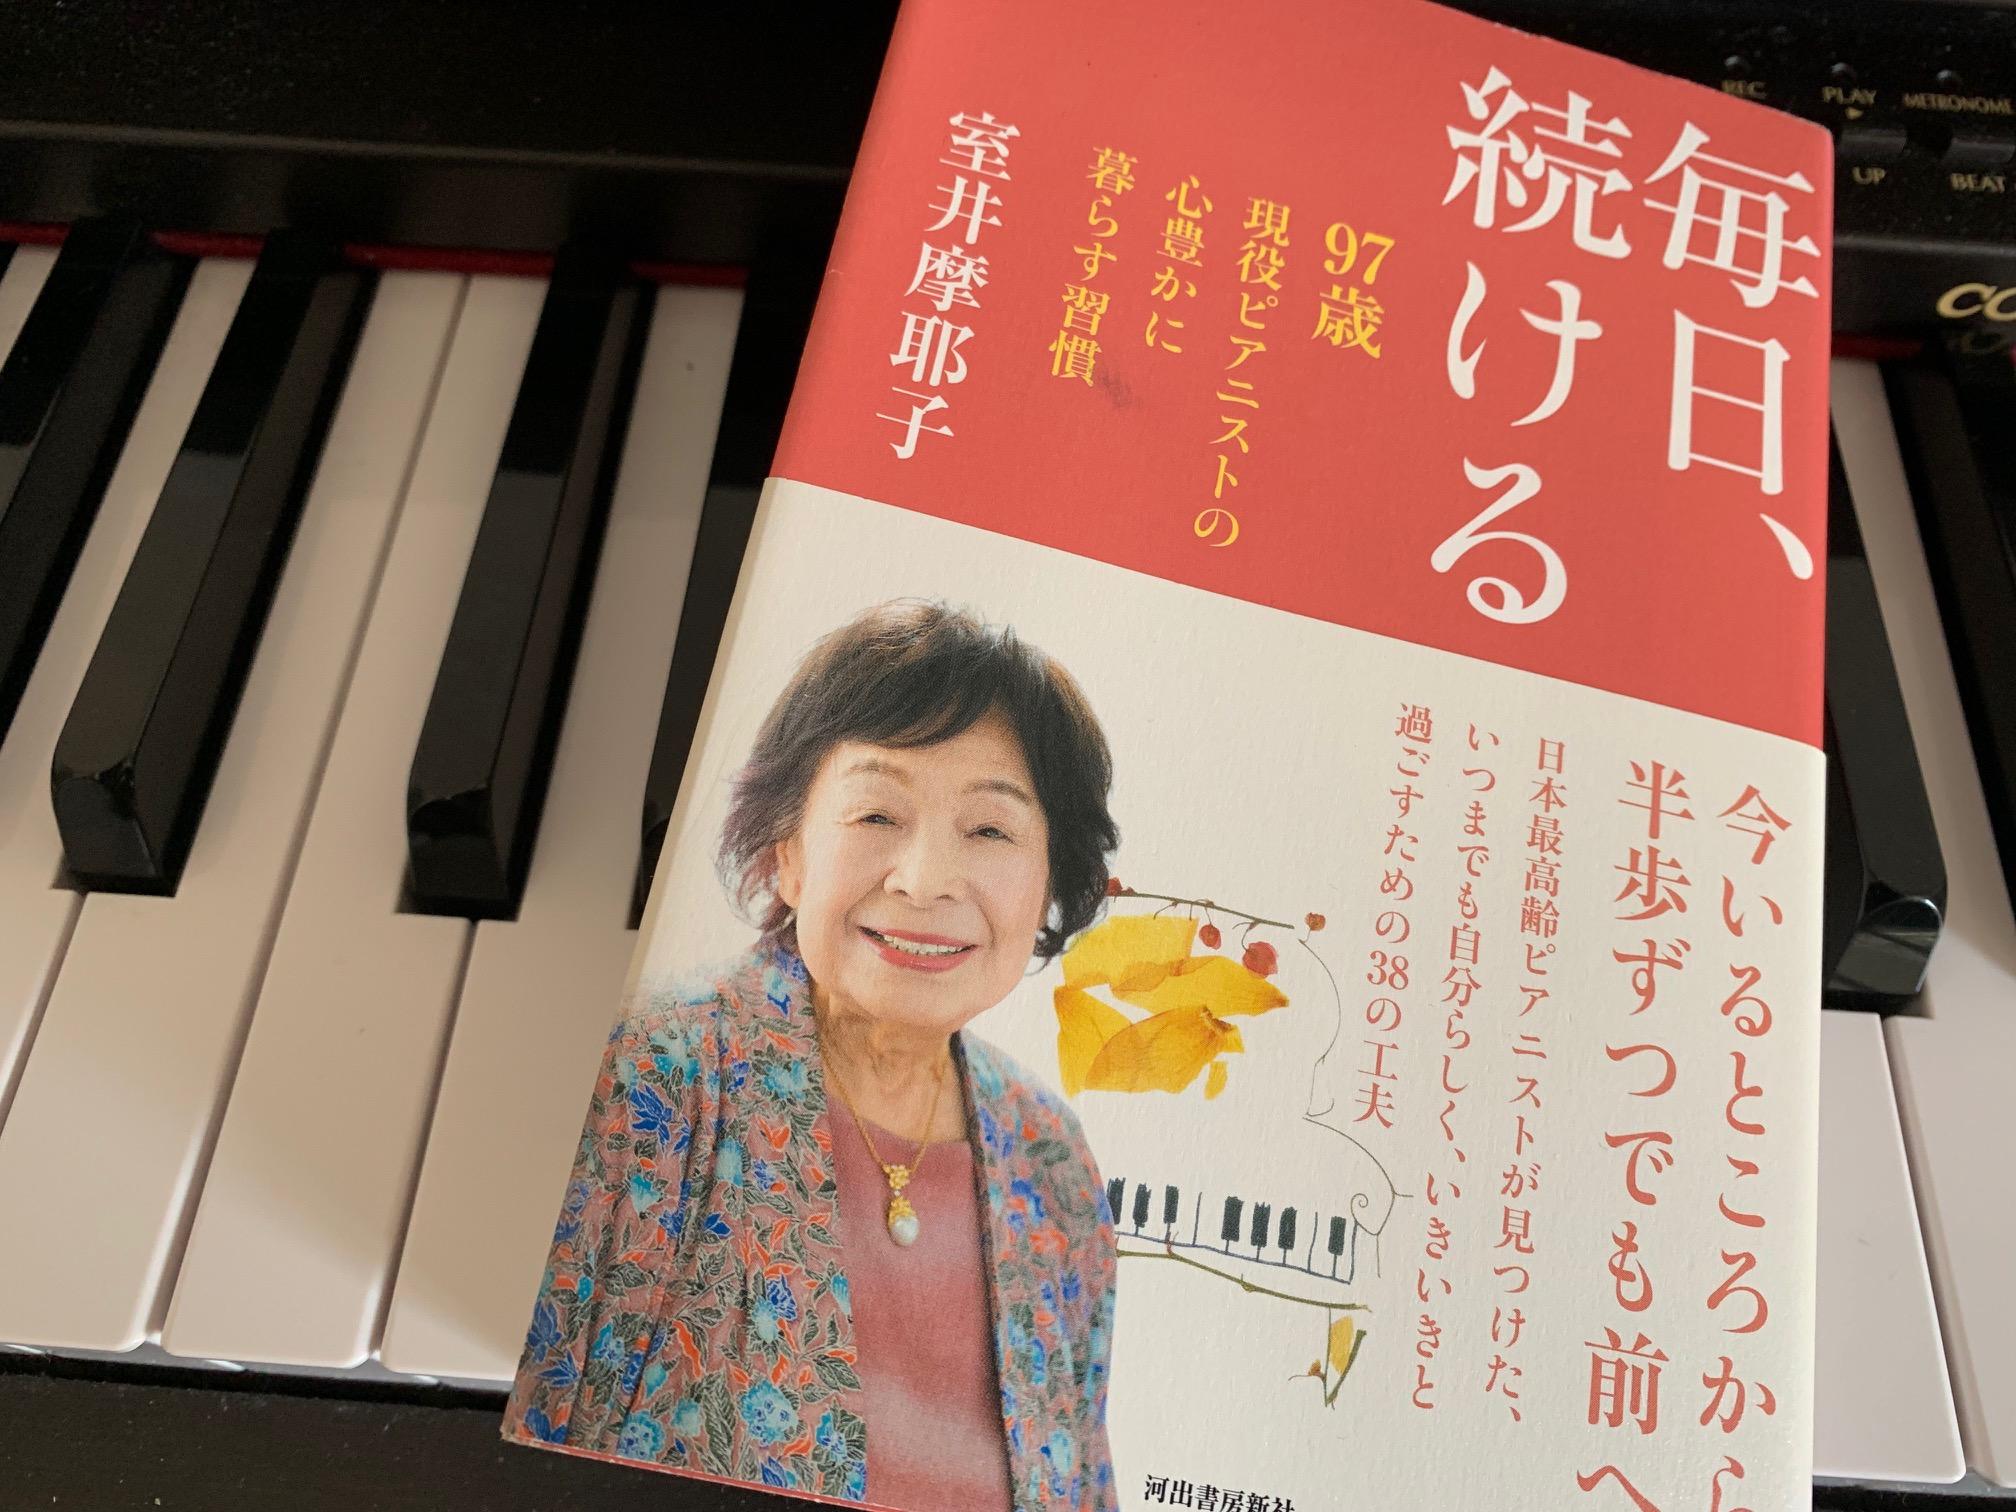 「毎日、続ける」室井摩耶子